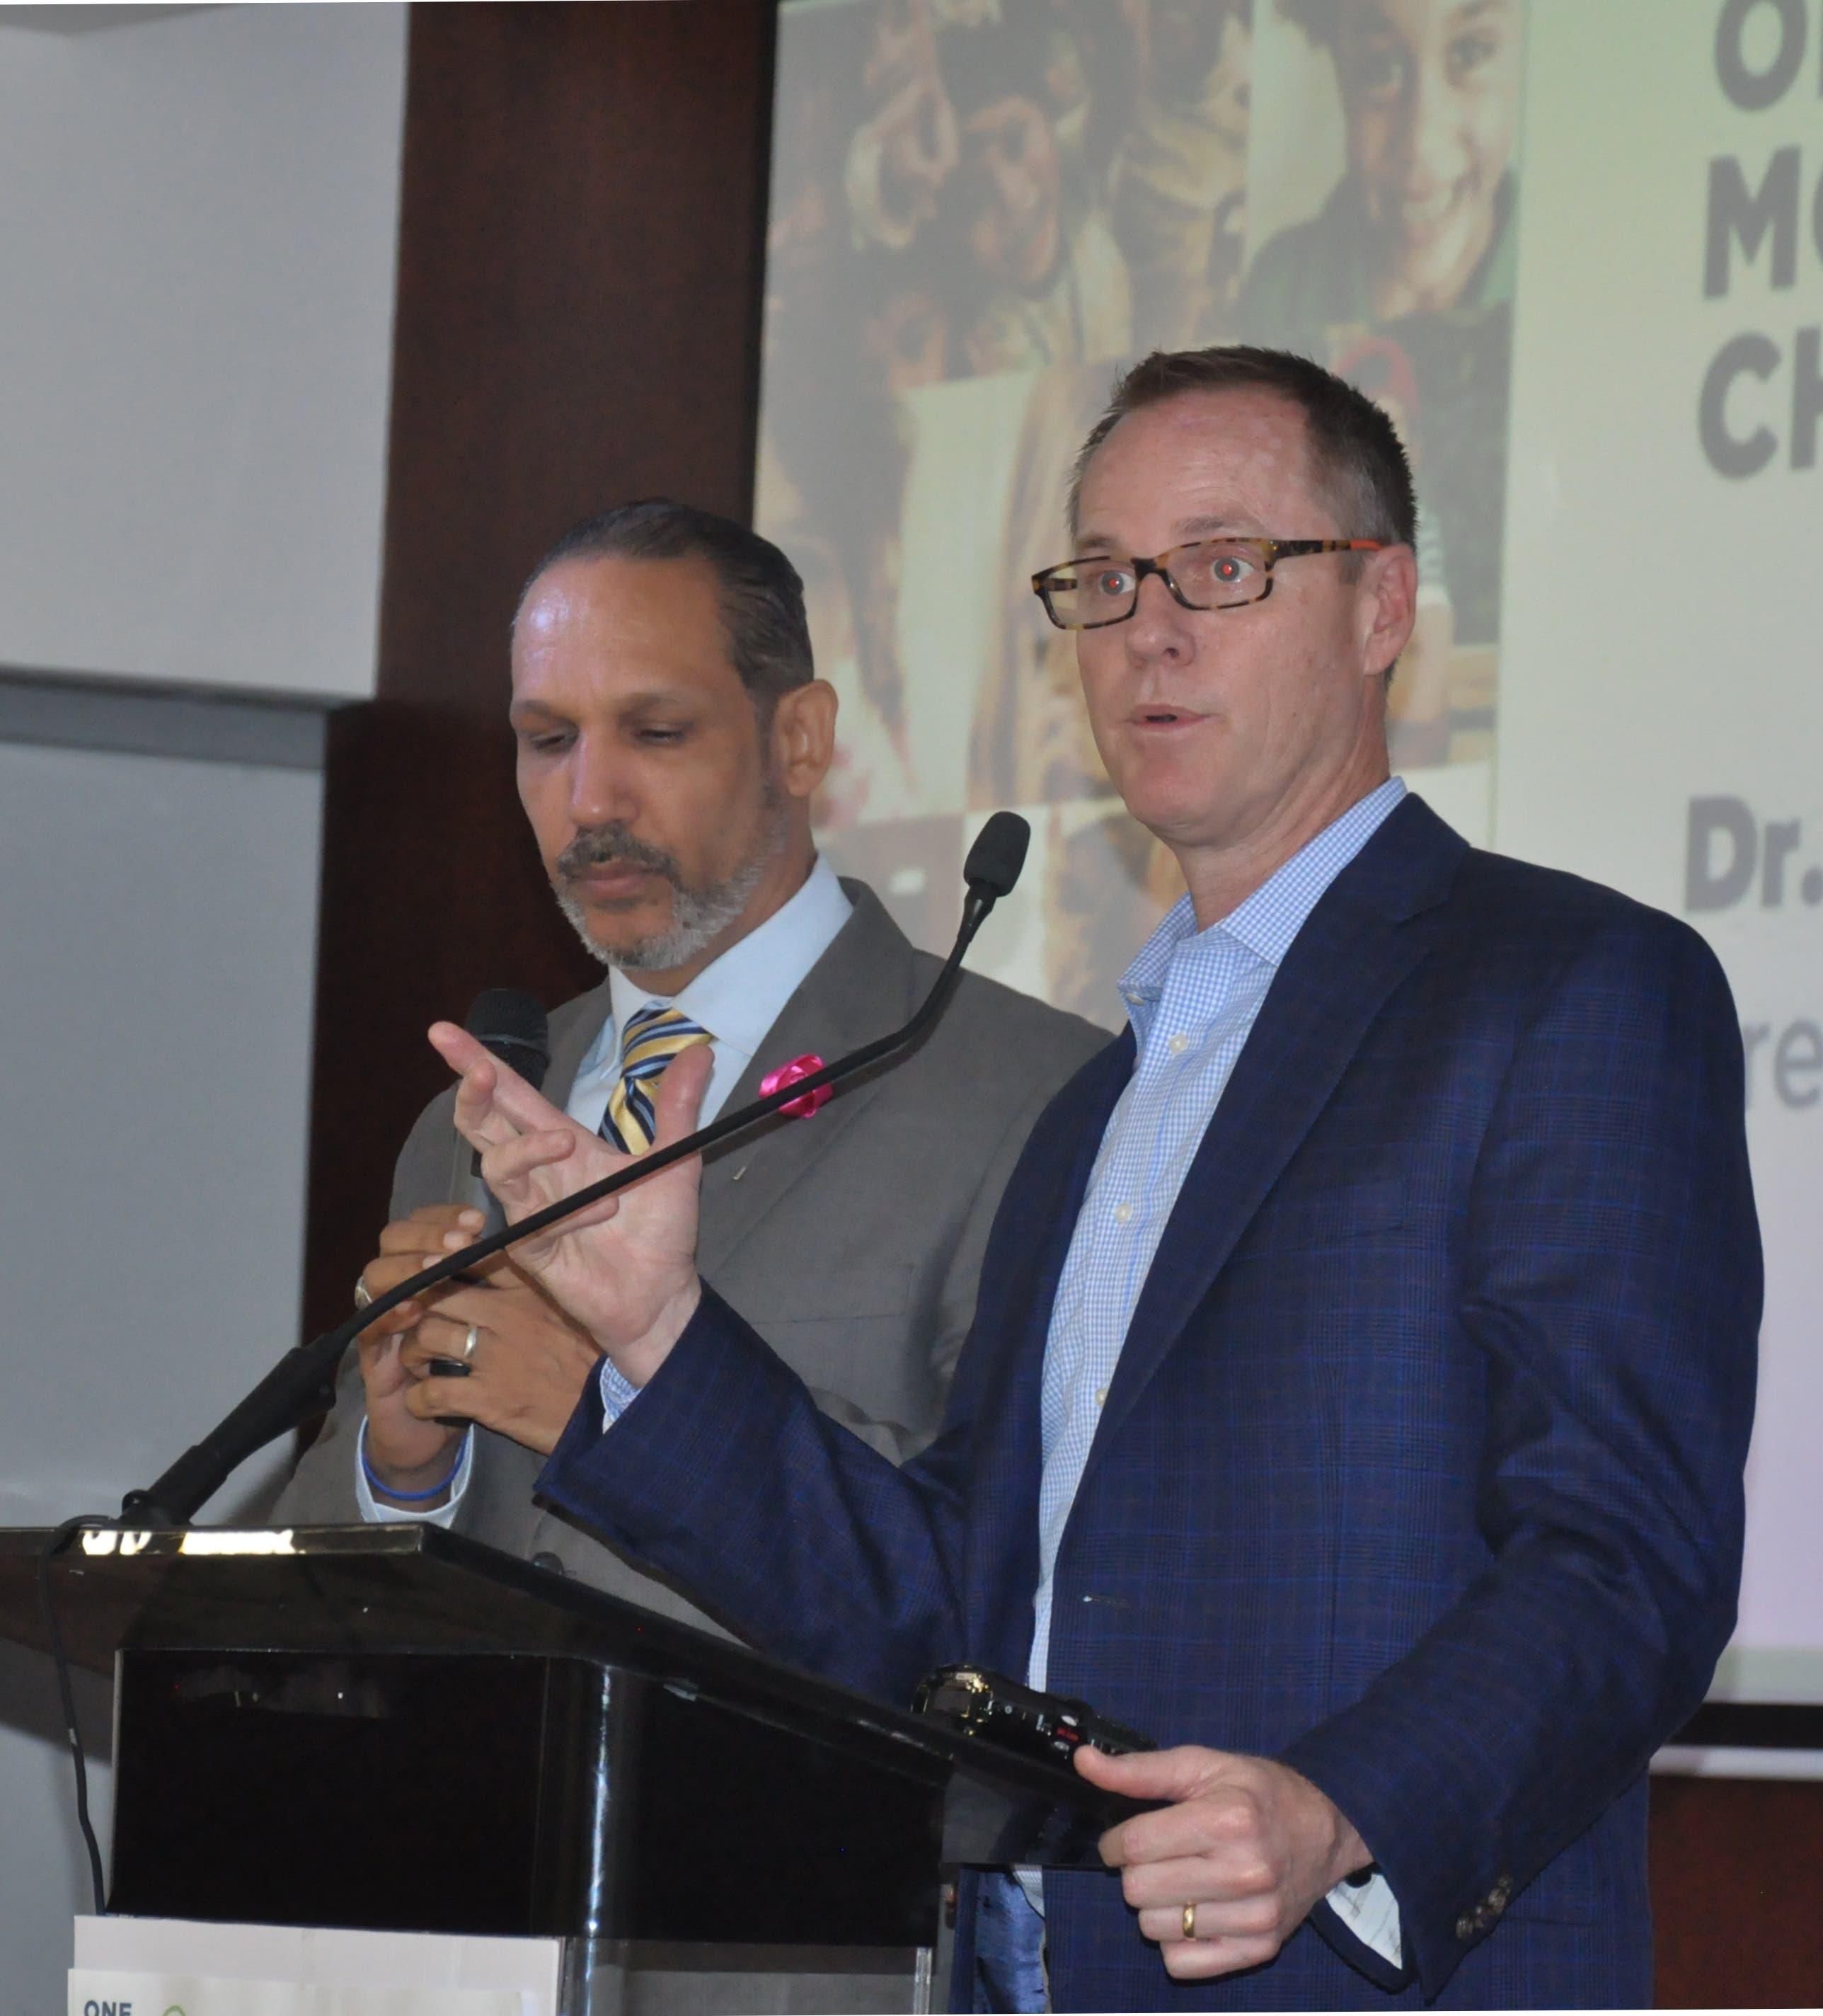 Jerry T. Haad se reúne con Danilo Medina para tratar el tráfico sexual infantil